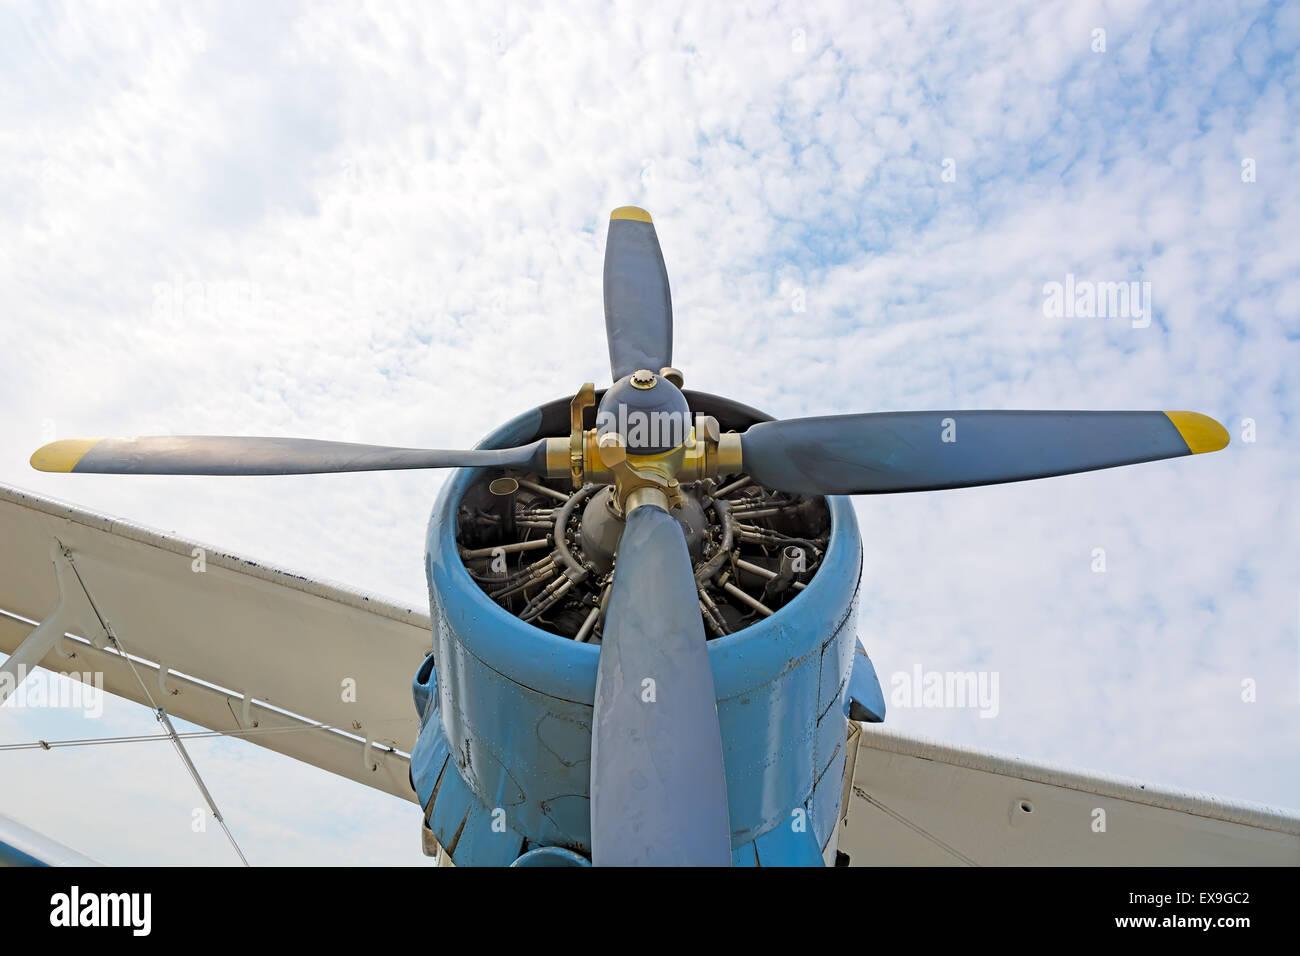 Der Motor und Propeller Flugzeug AN2 Nahaufnahme auf dem Hintergrund des blauen Himmels und der Wolken. Das Bild Stockbild